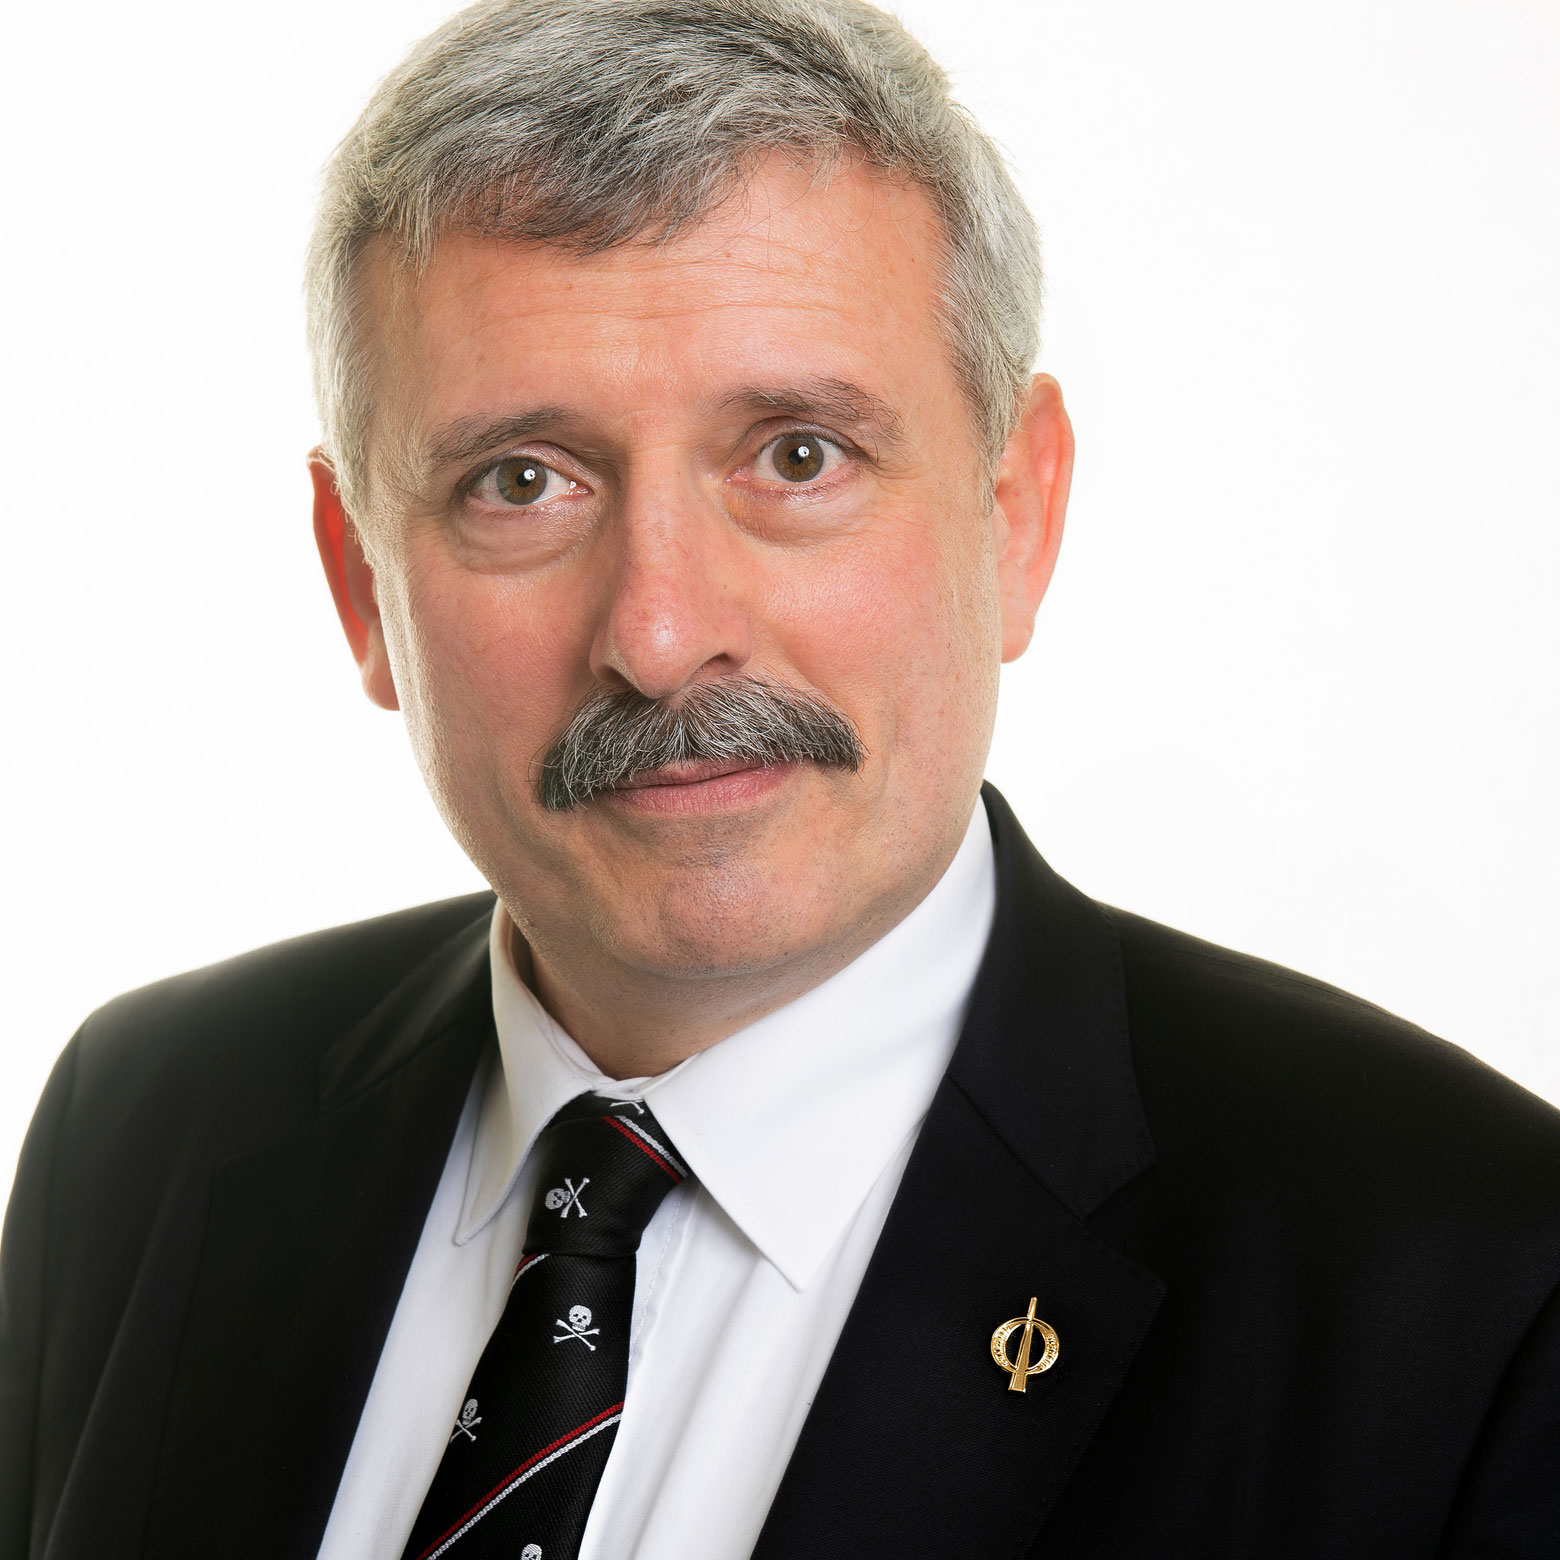 Dr. Lorcán O'Flannery